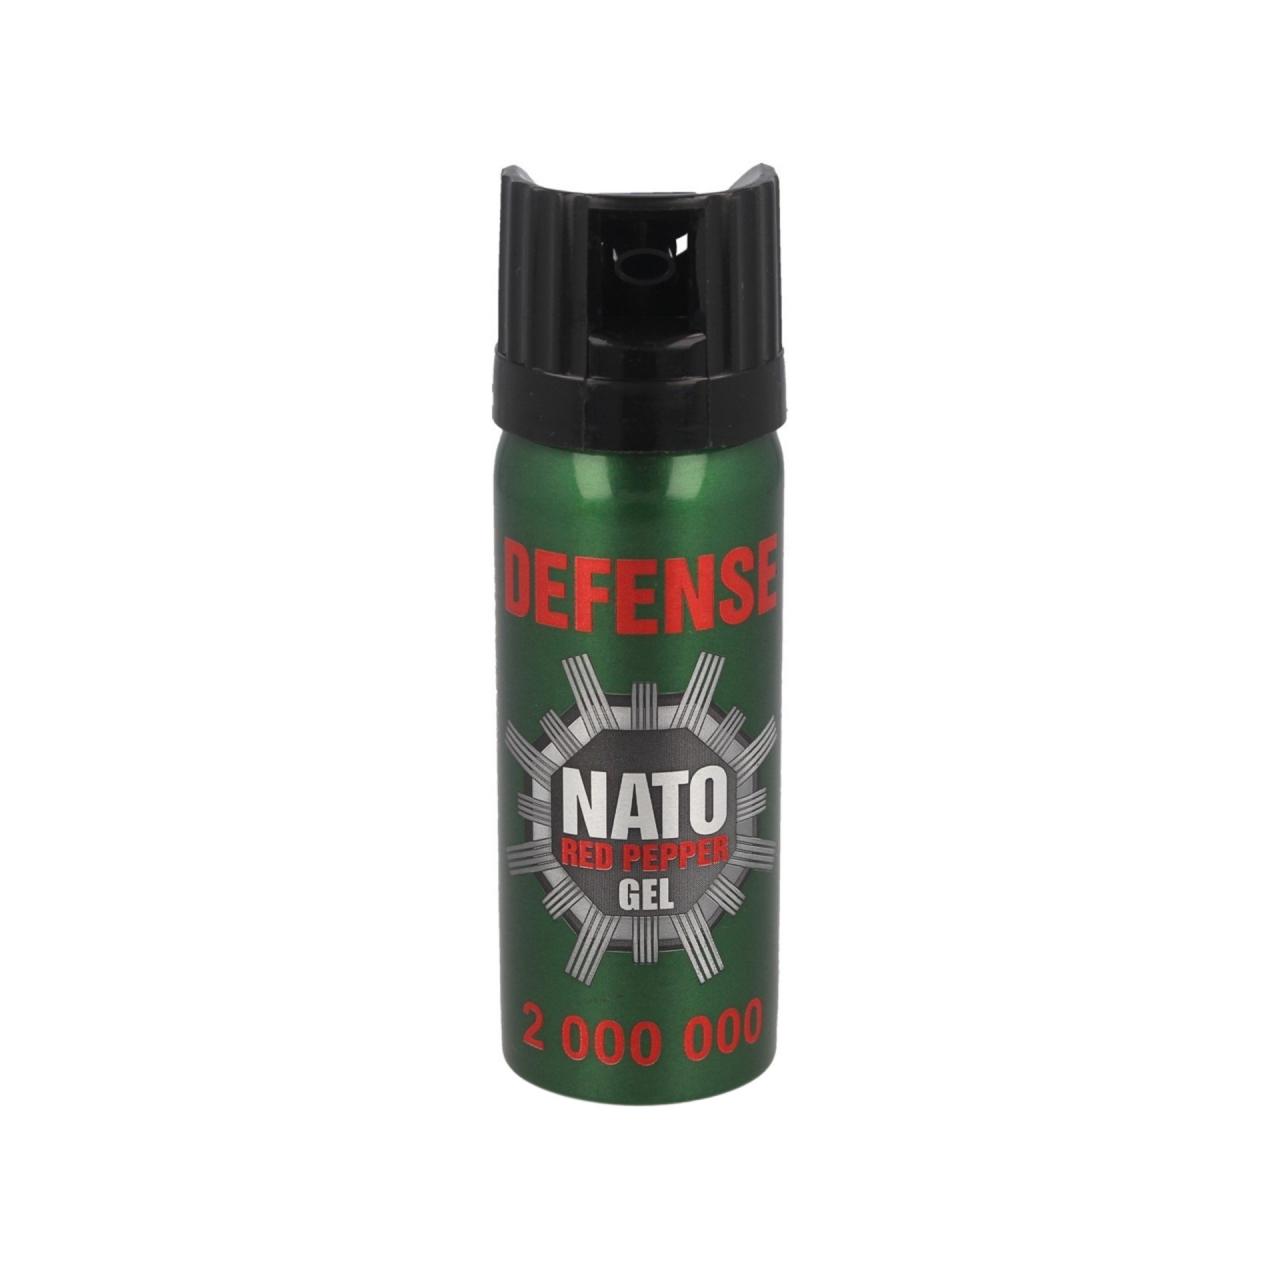 Obranný sprej Defence NATO Gel Cone 50 ml (18+)